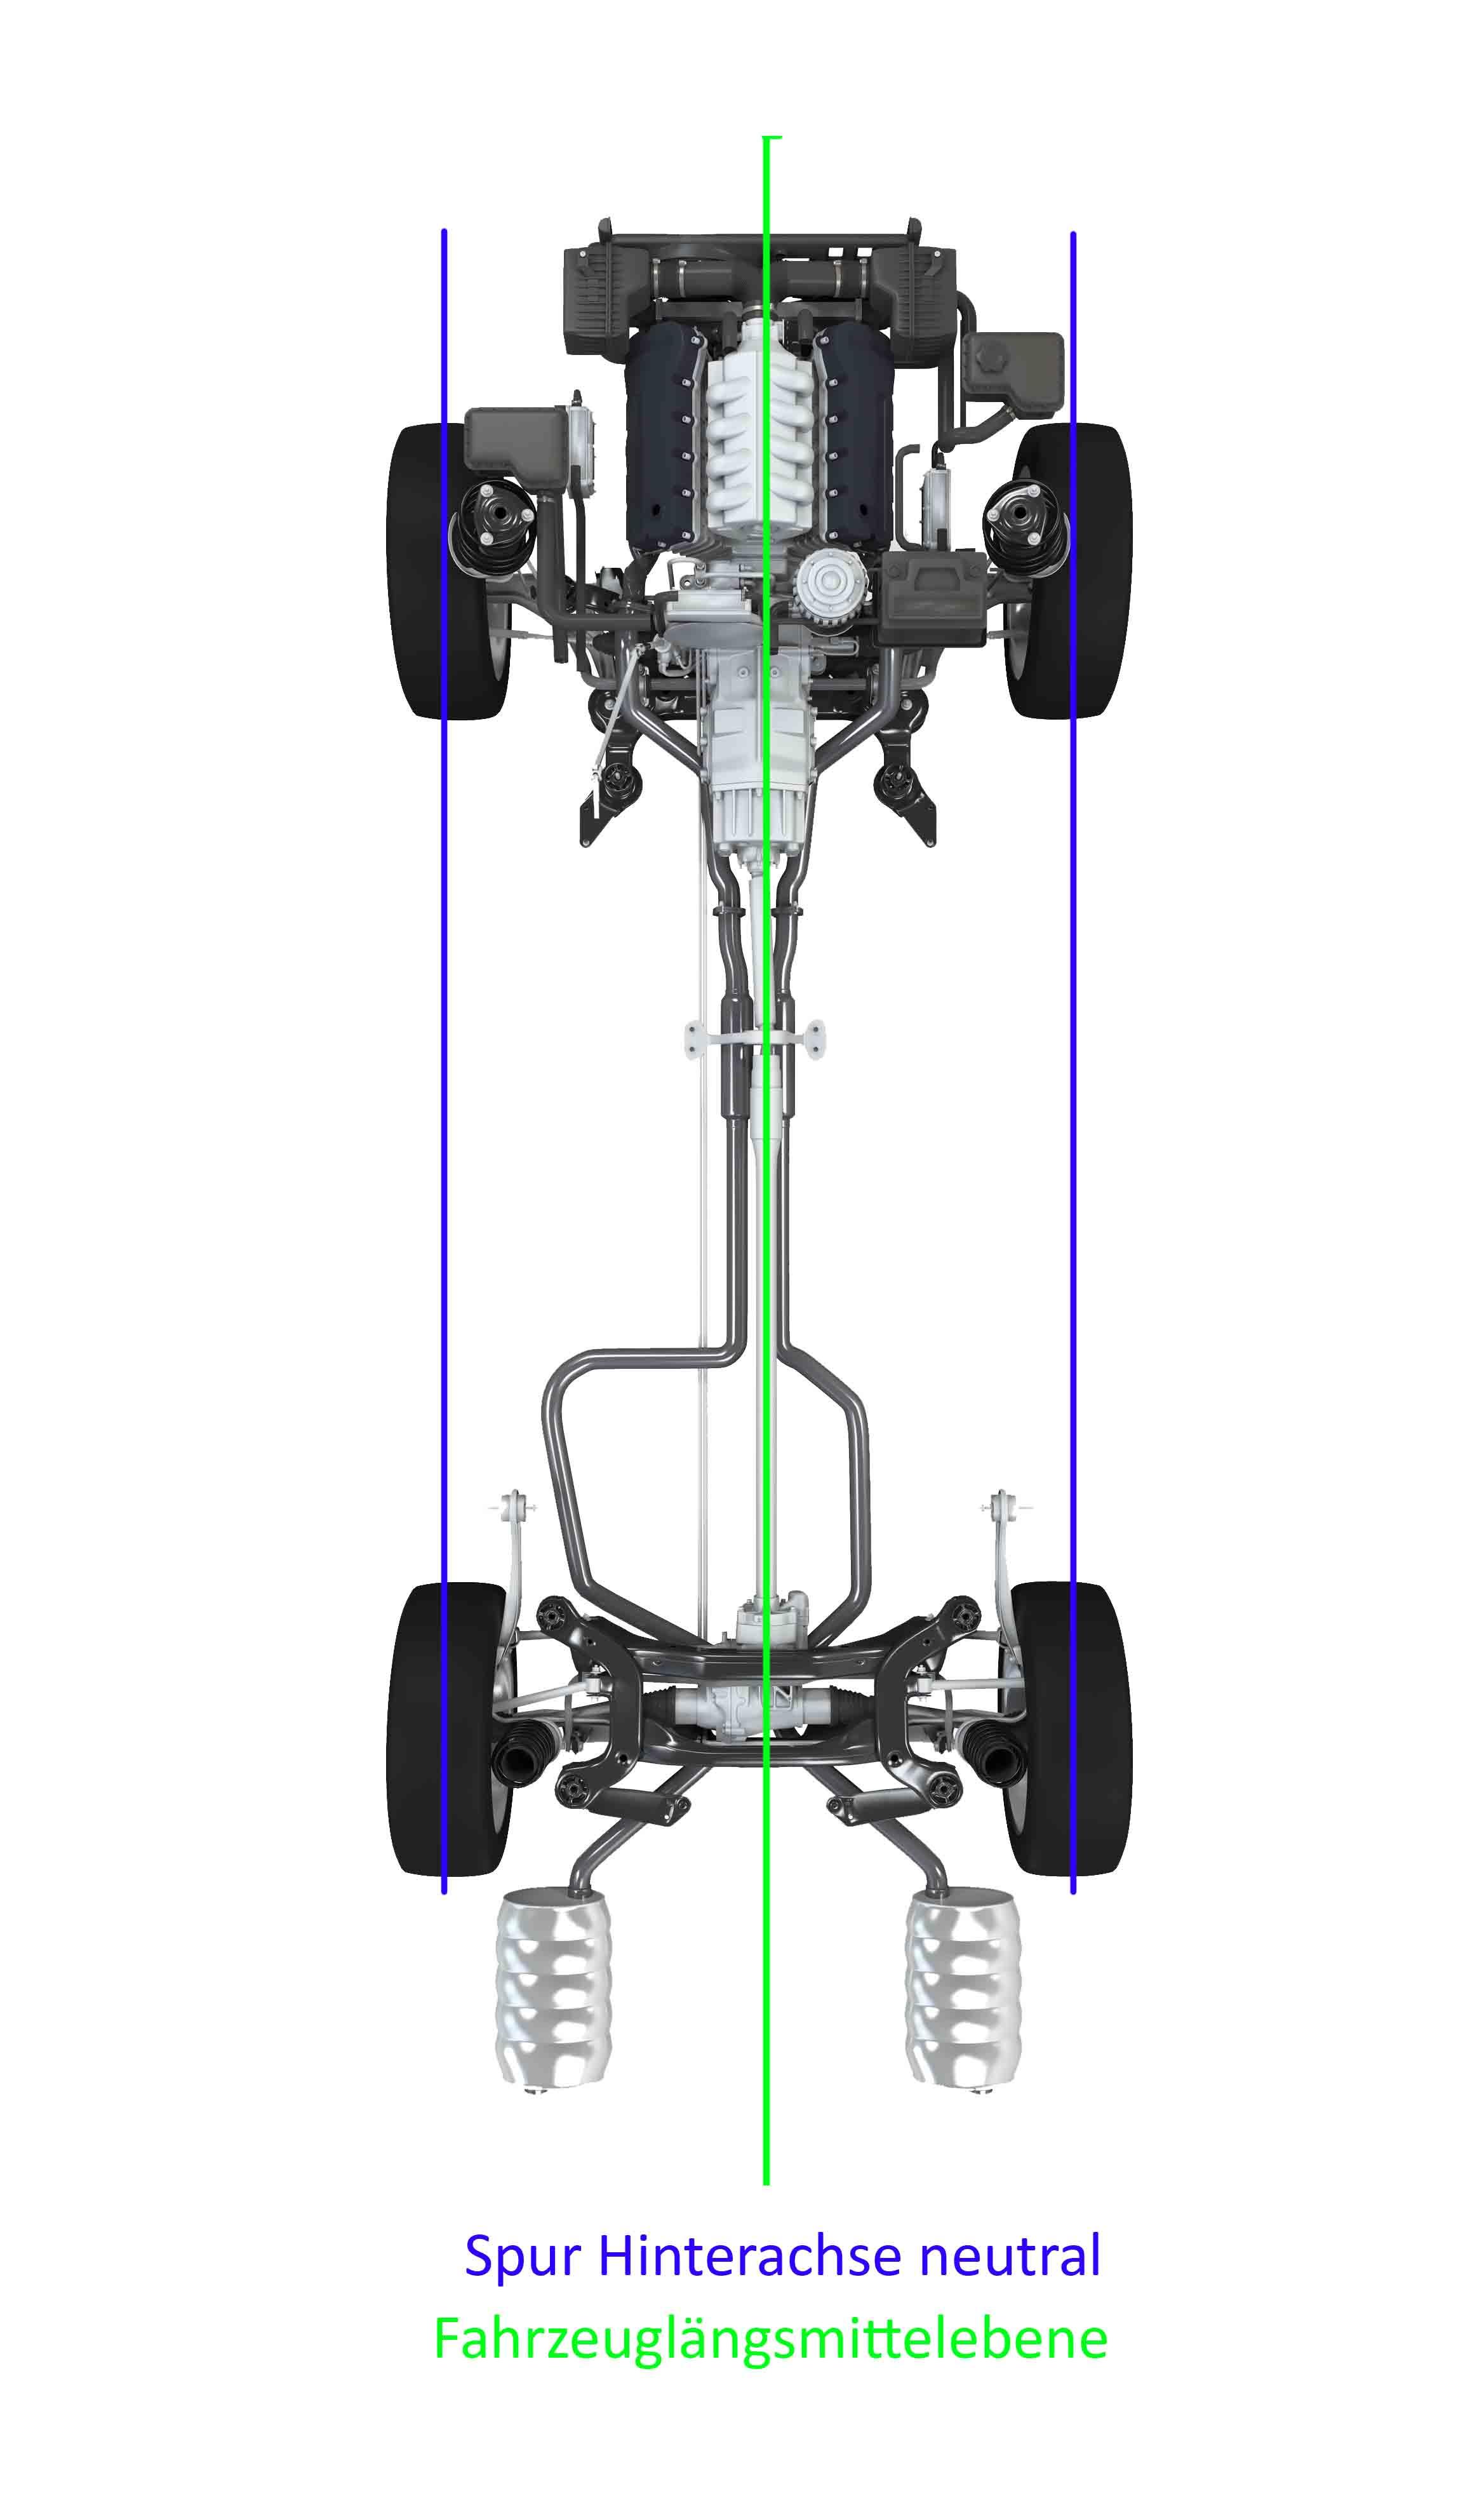 Fahrwerk Achsvermessung ACC Radar Spurhalteassistent kalibrieren justieren geometrische Fahrachse